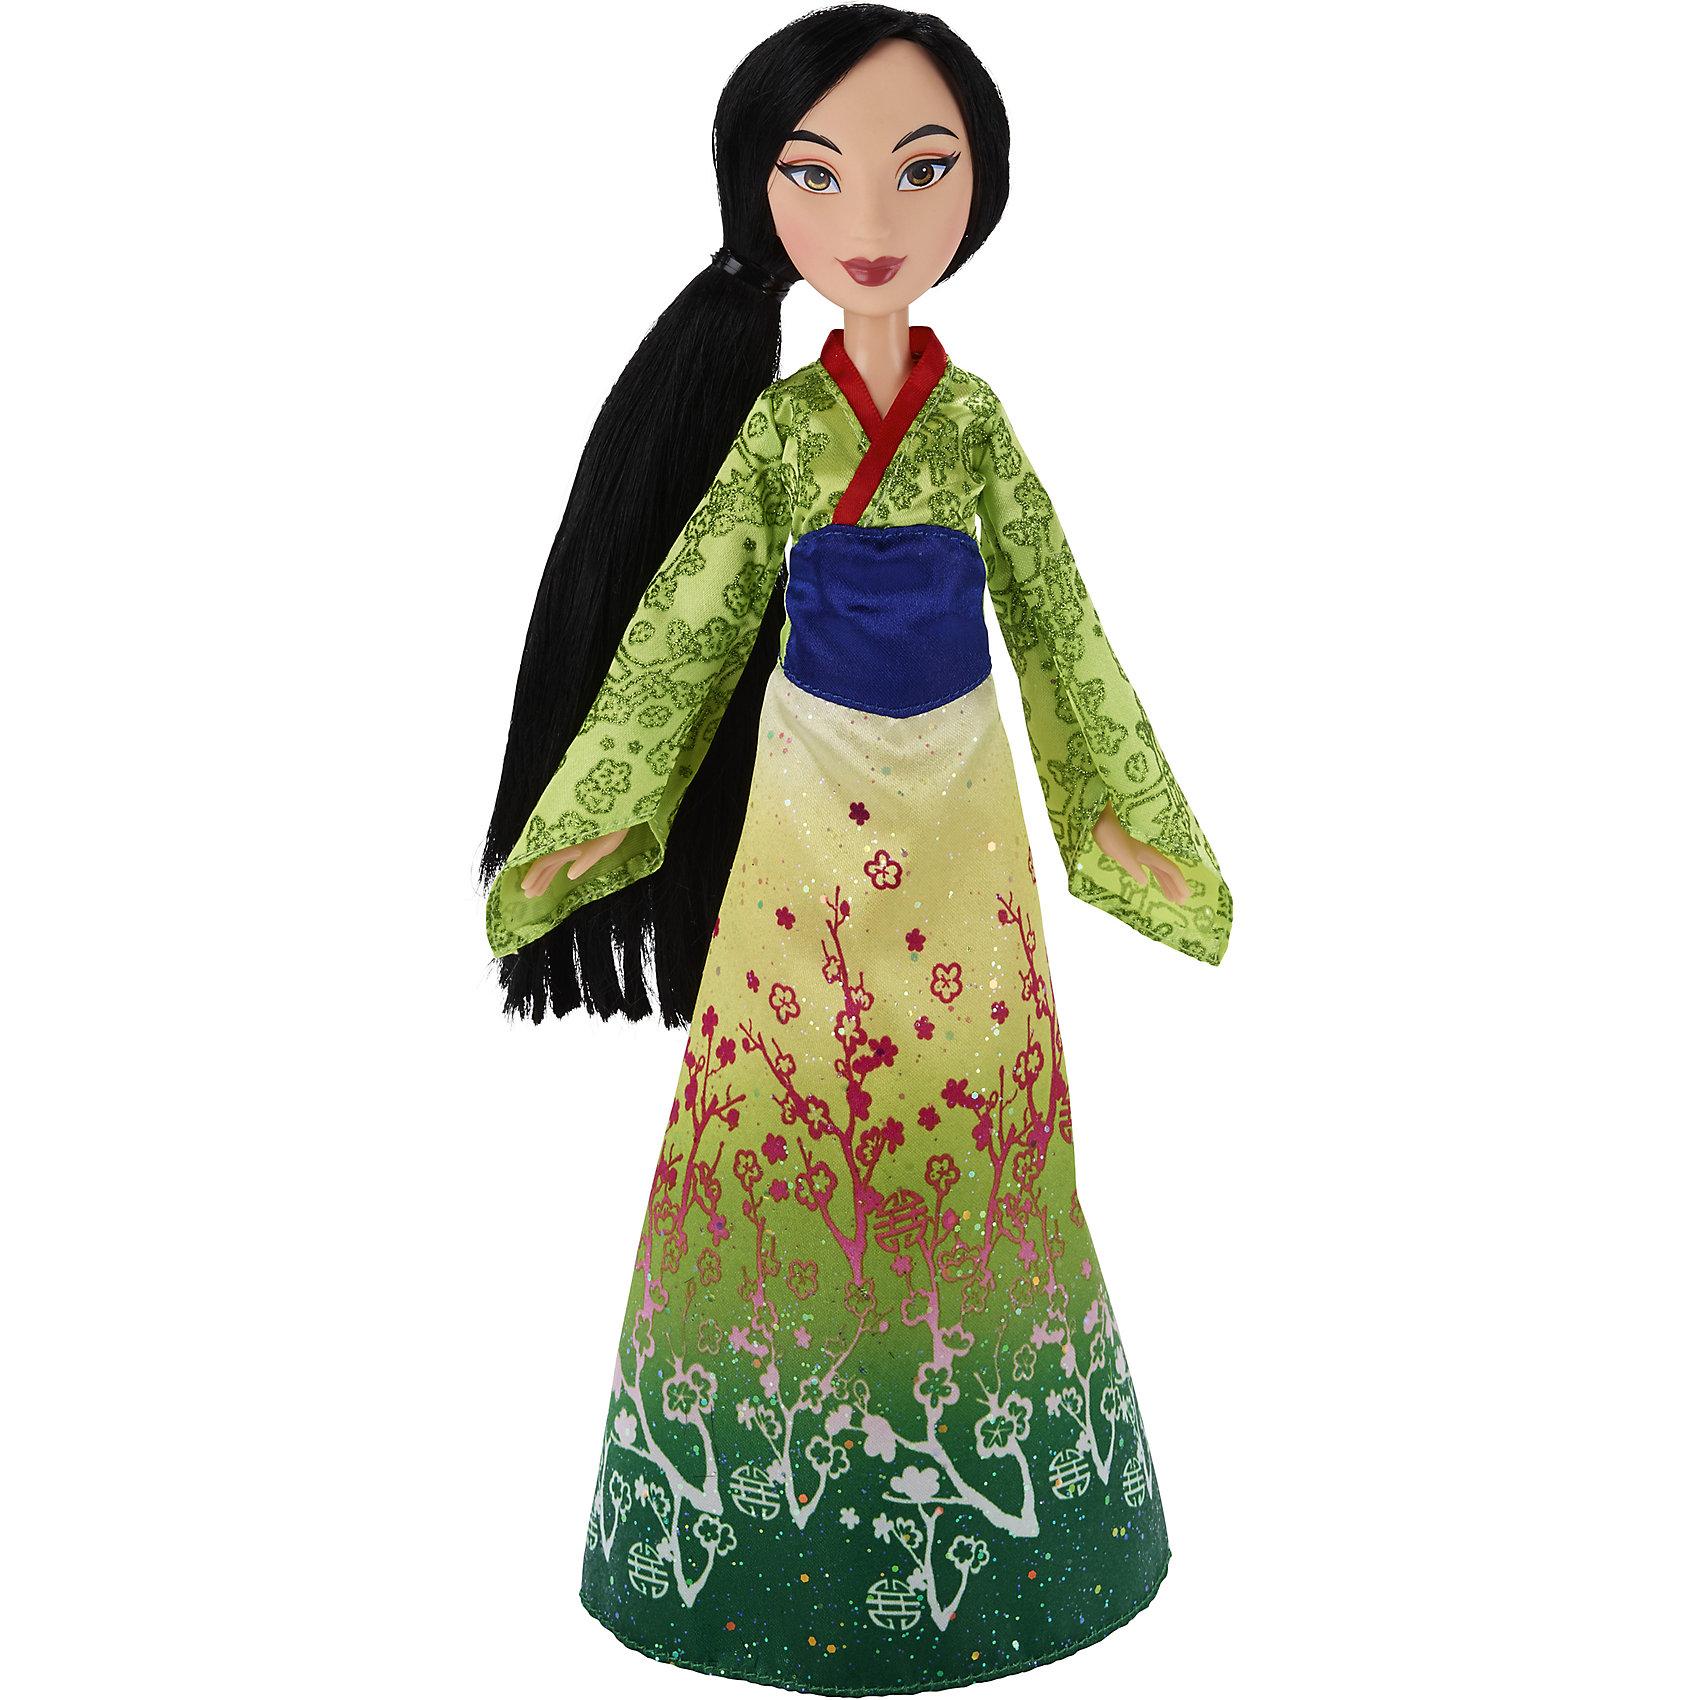 Hasbro Кукла Принцесса Мулан, Принцессы Дисней, B6447/B5827 hasbro мини кукла принцессы дисней